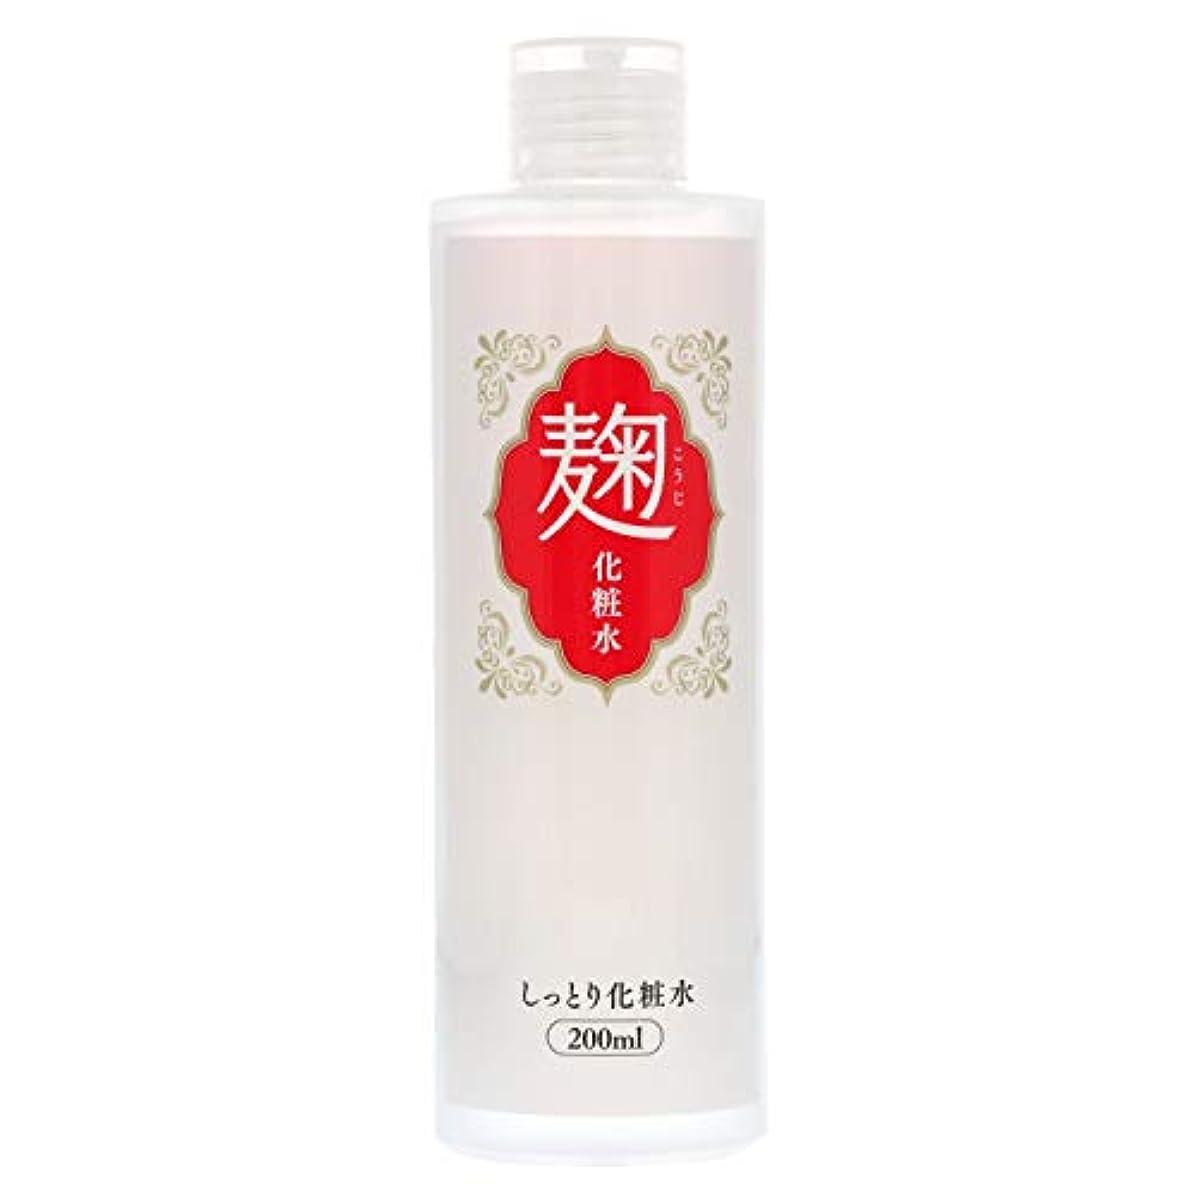 除外する不承認保存するユゼ 麹配合美肌しっとり化粧水 200mL